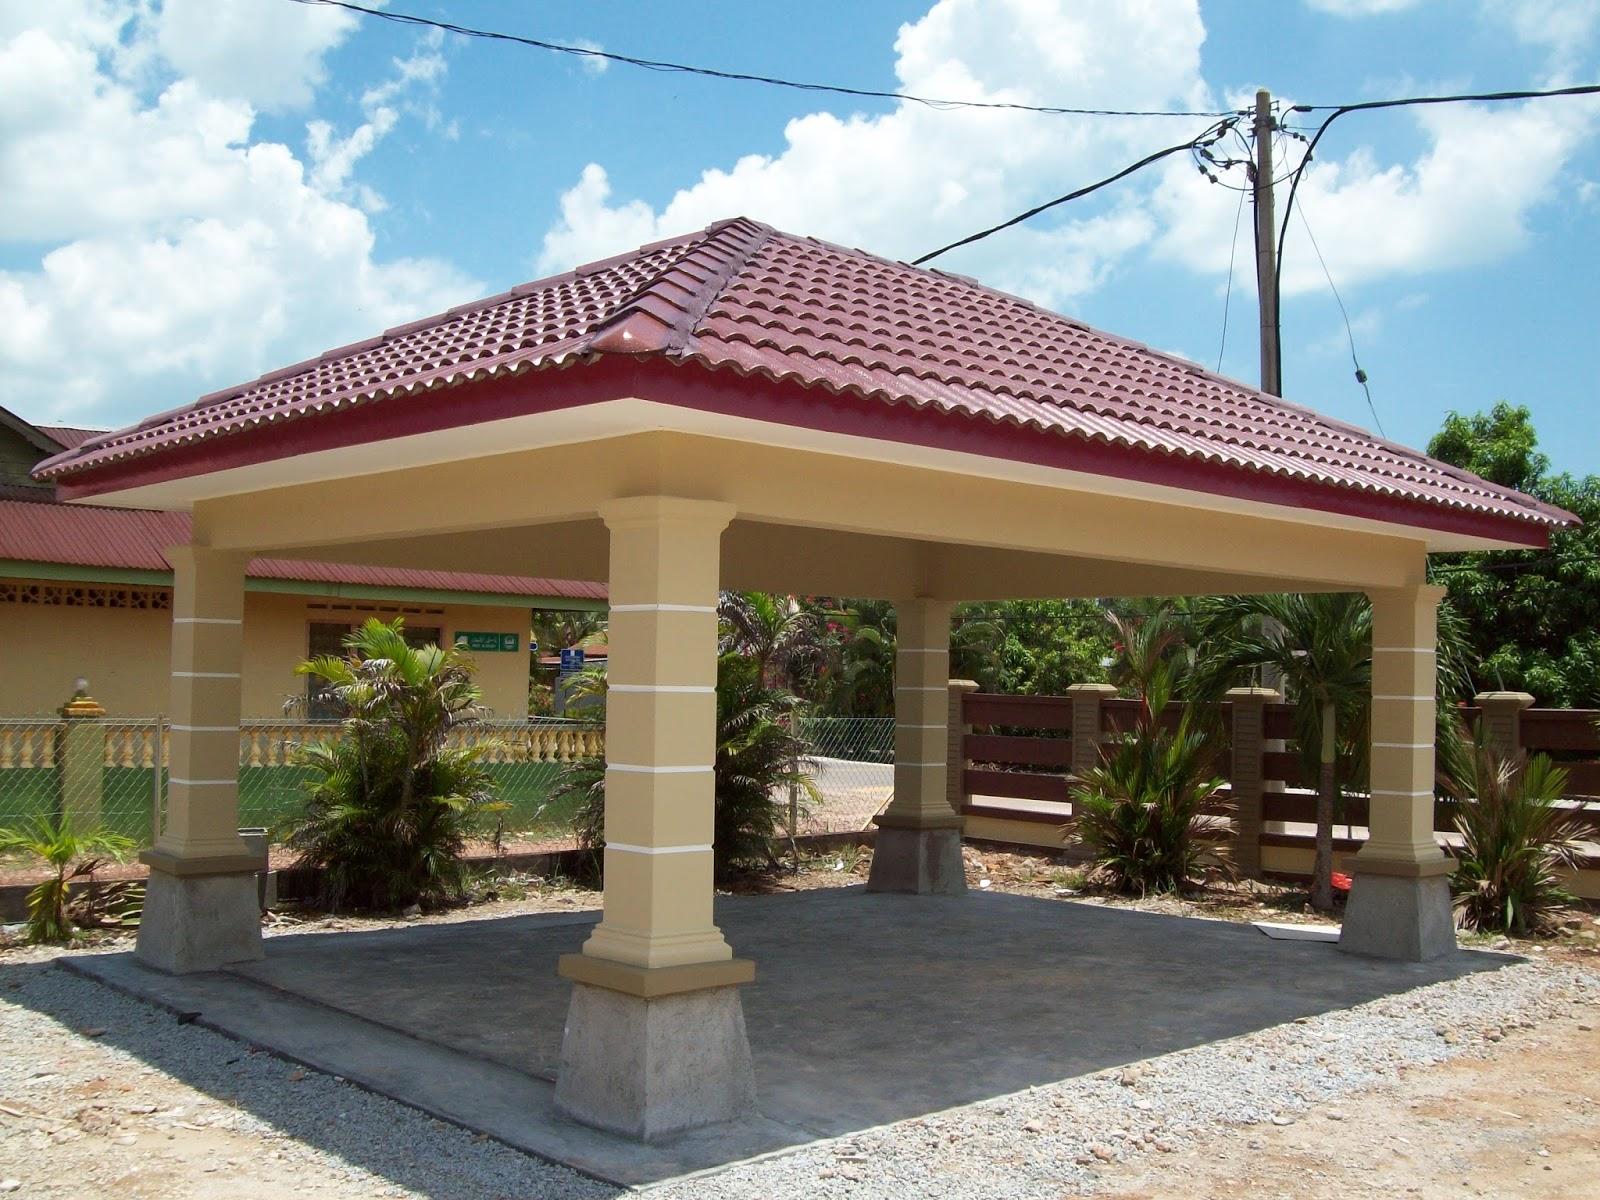 Rumah Banglo Satu Tingkat Di Serkam Pantai ~ Bina-Rumah-Idaman